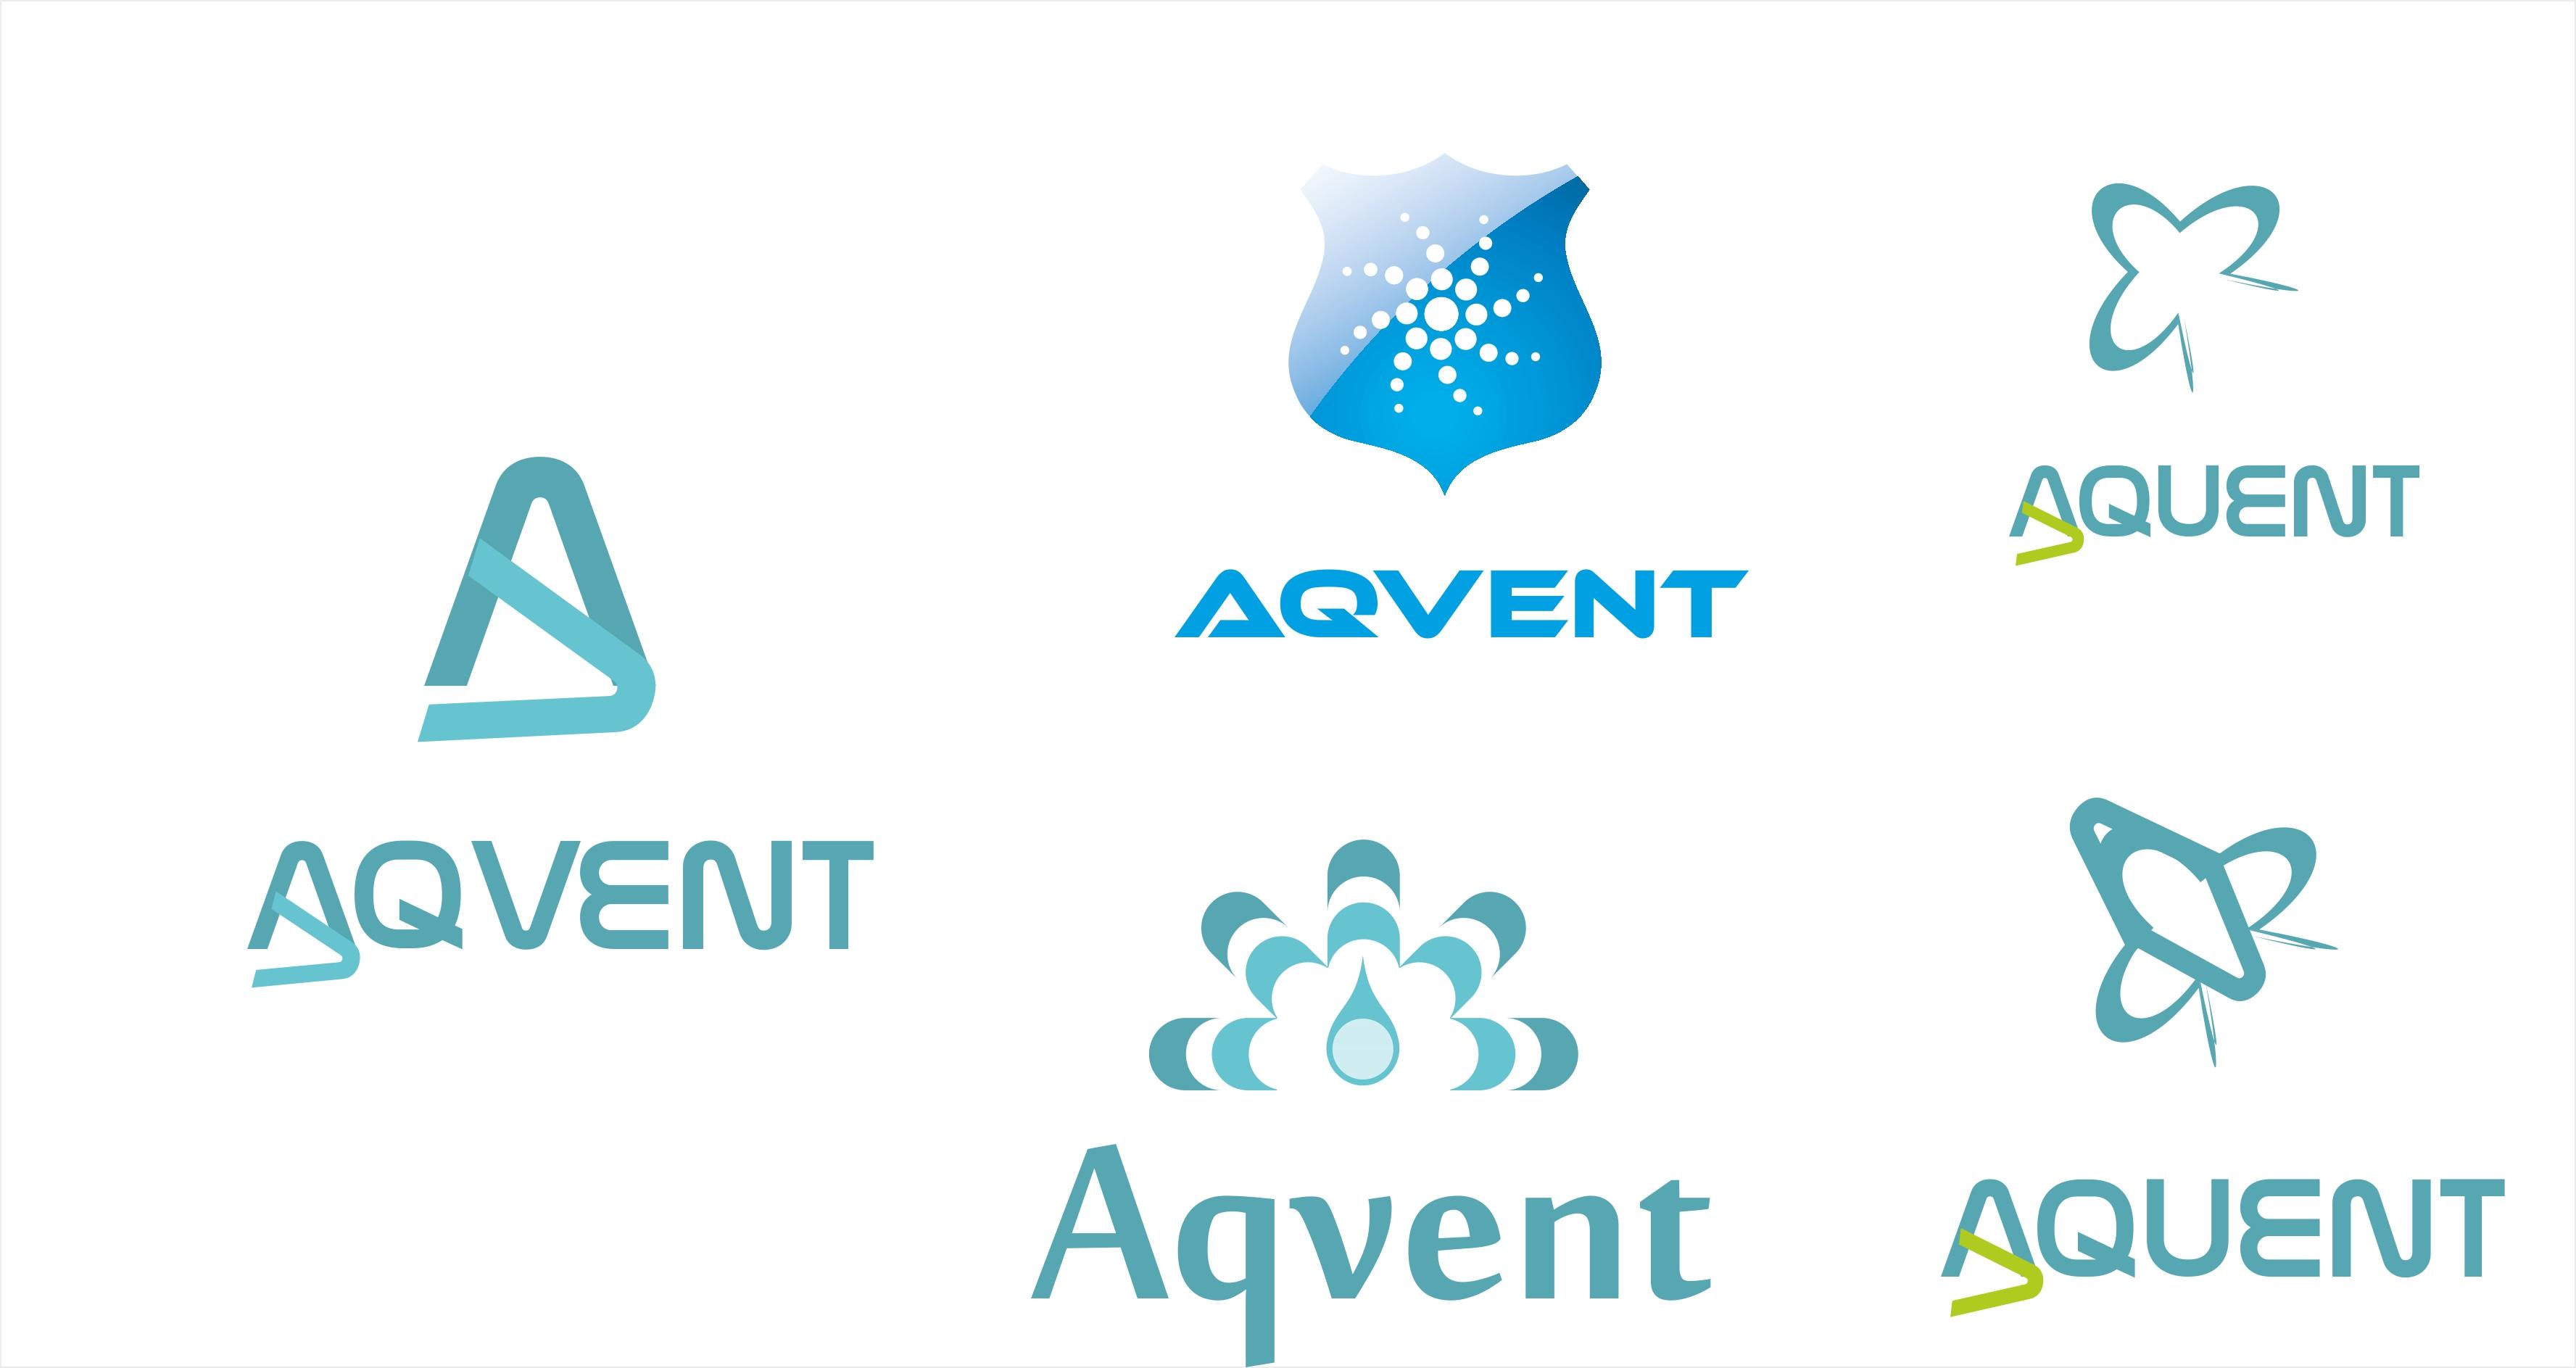 Логотип AQVENT фото f_233528cf4d21813b.jpg